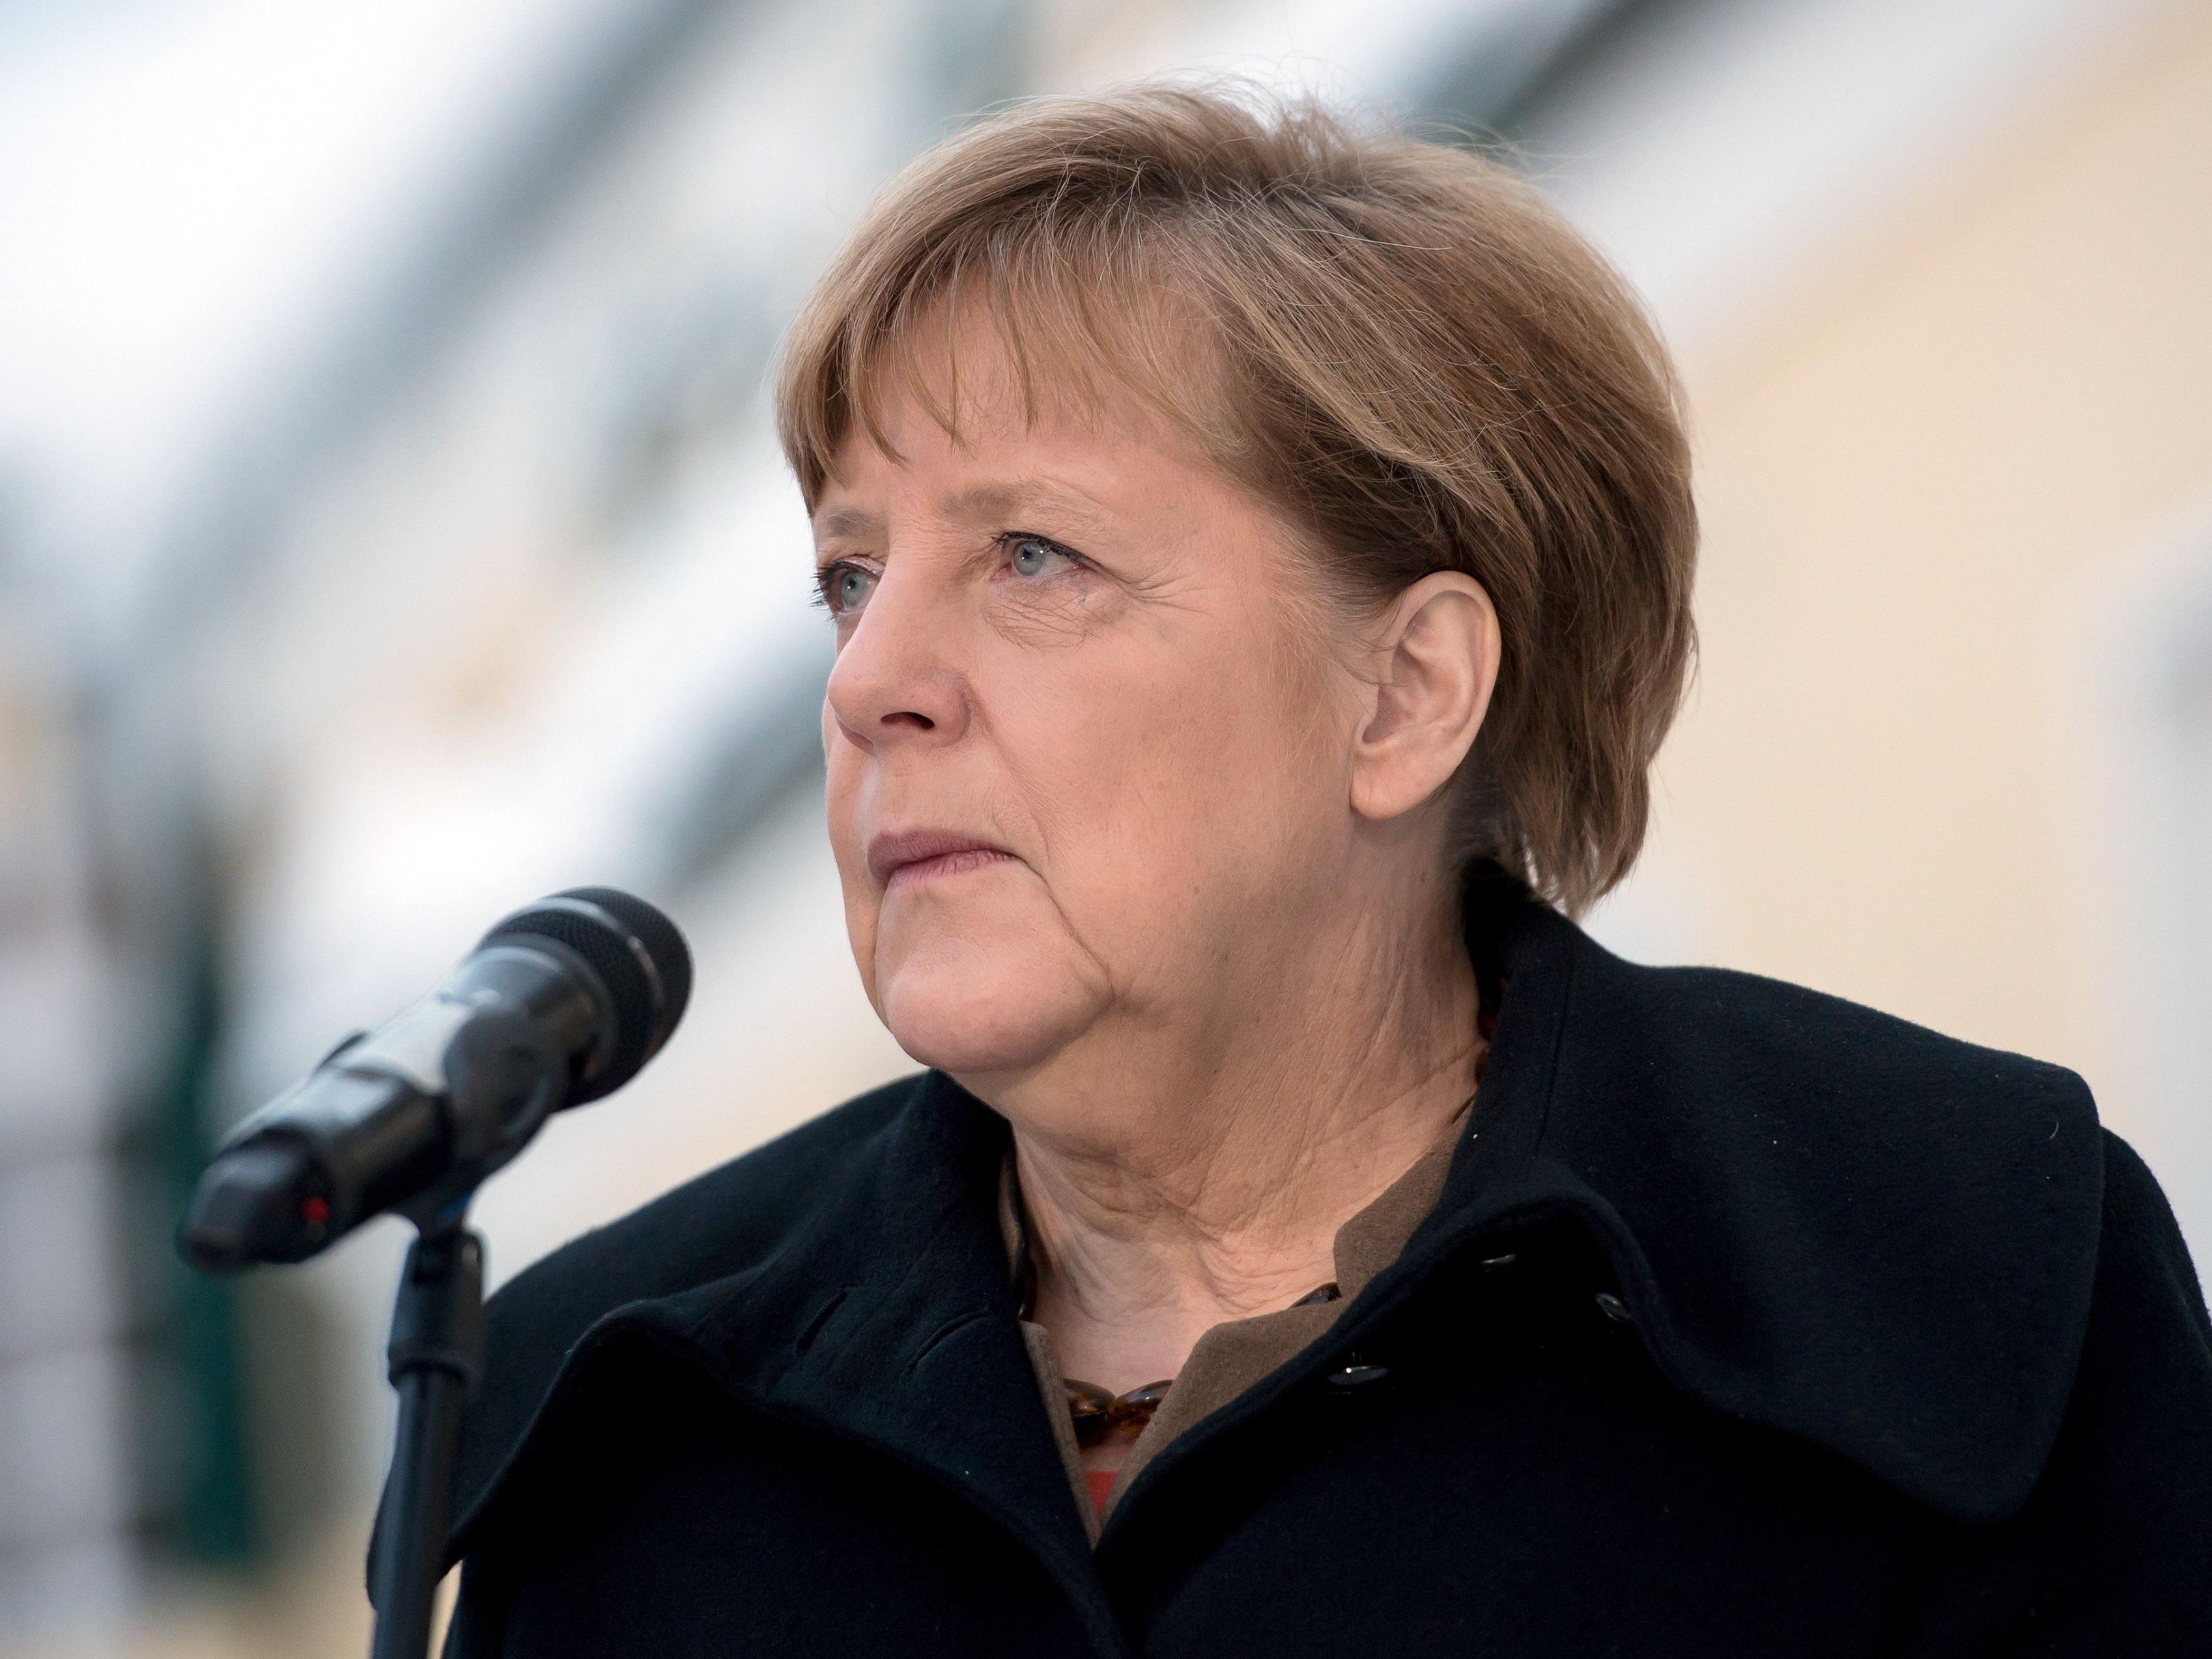 Laut Psychoanalytiker Hans-Joachim Maaz ist Merkel eine Gefahr für Deutschland.